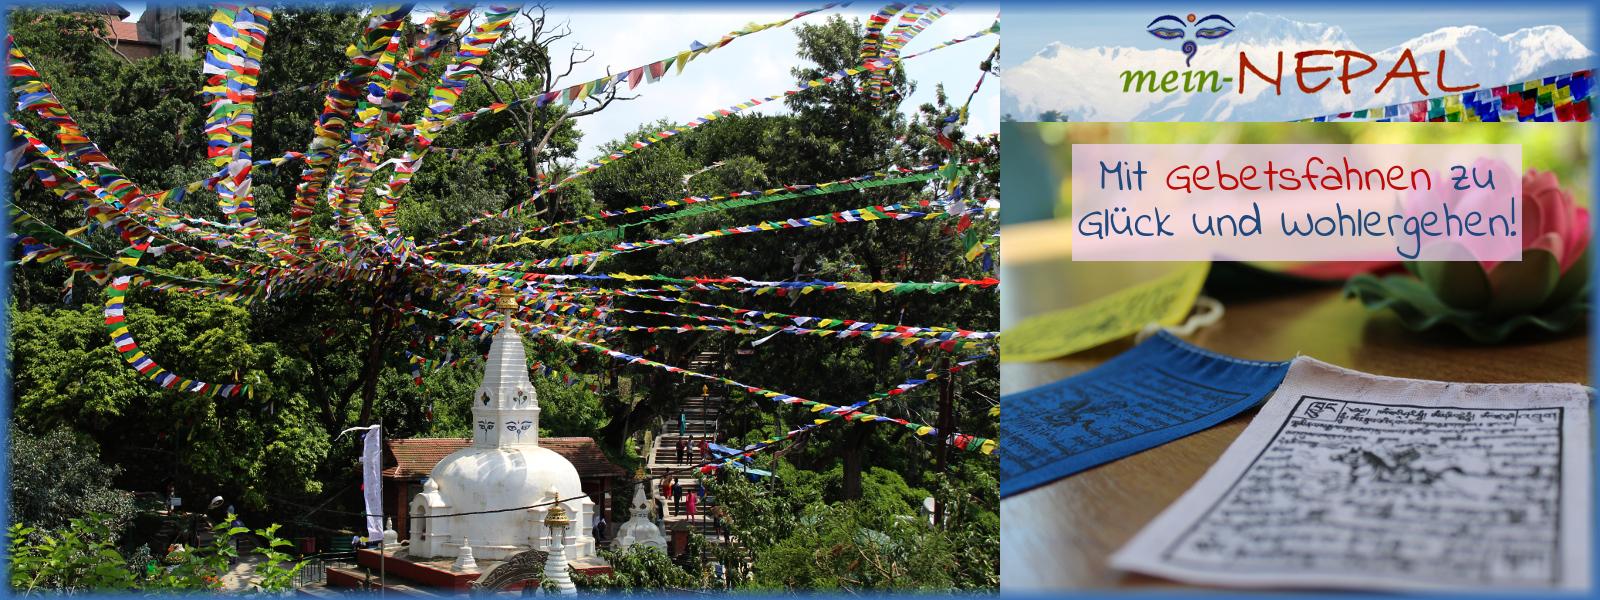 Farbenfrohe Gebetsfahnen für mehr Glück und Wohlergehen.